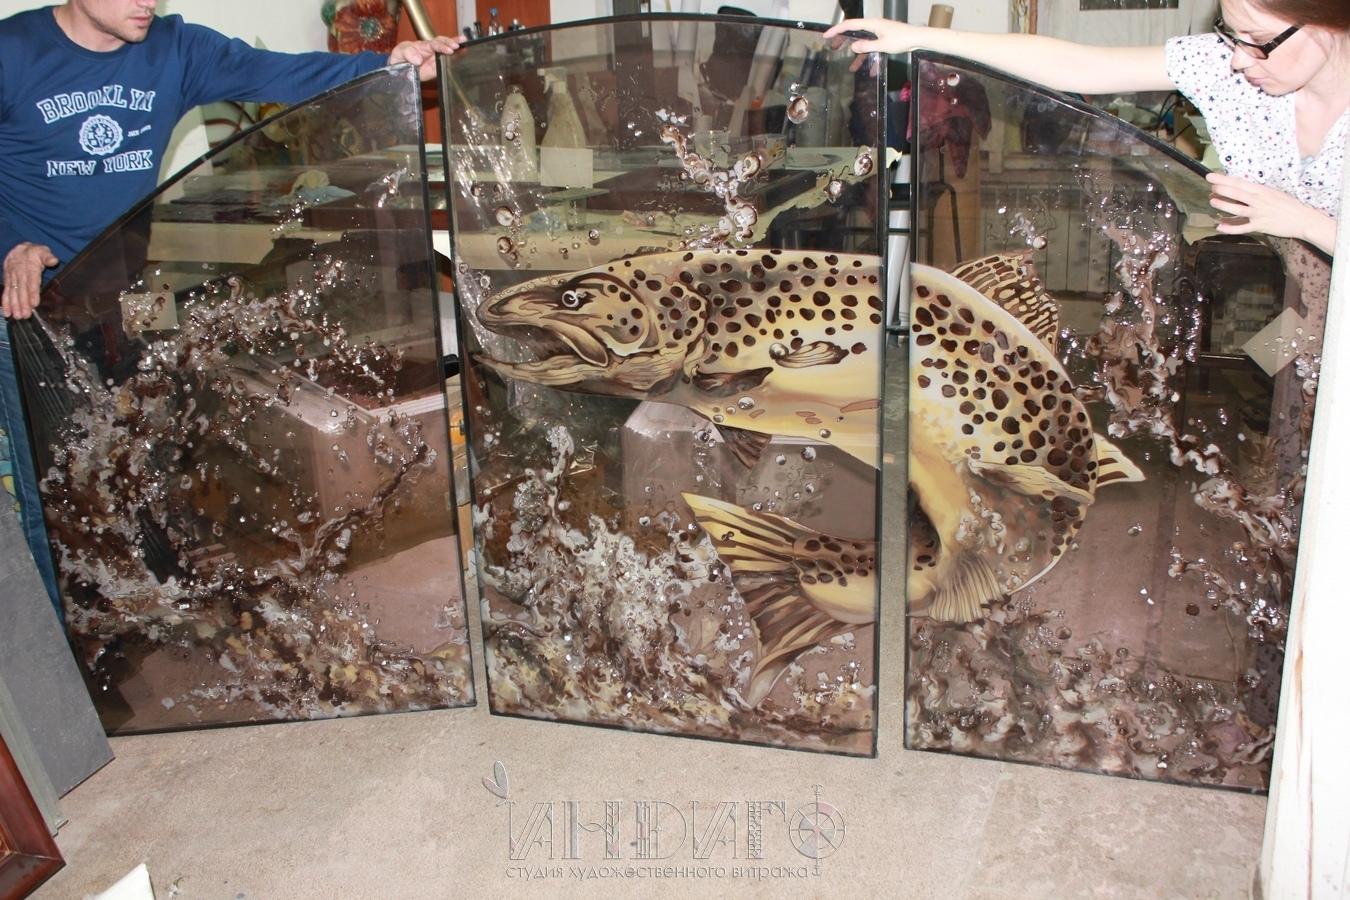 Рыба выполнена в технике заливного витража. По словам мастеров, заказчик сказал: «Как же прекрасна ваша заливная рыба!»